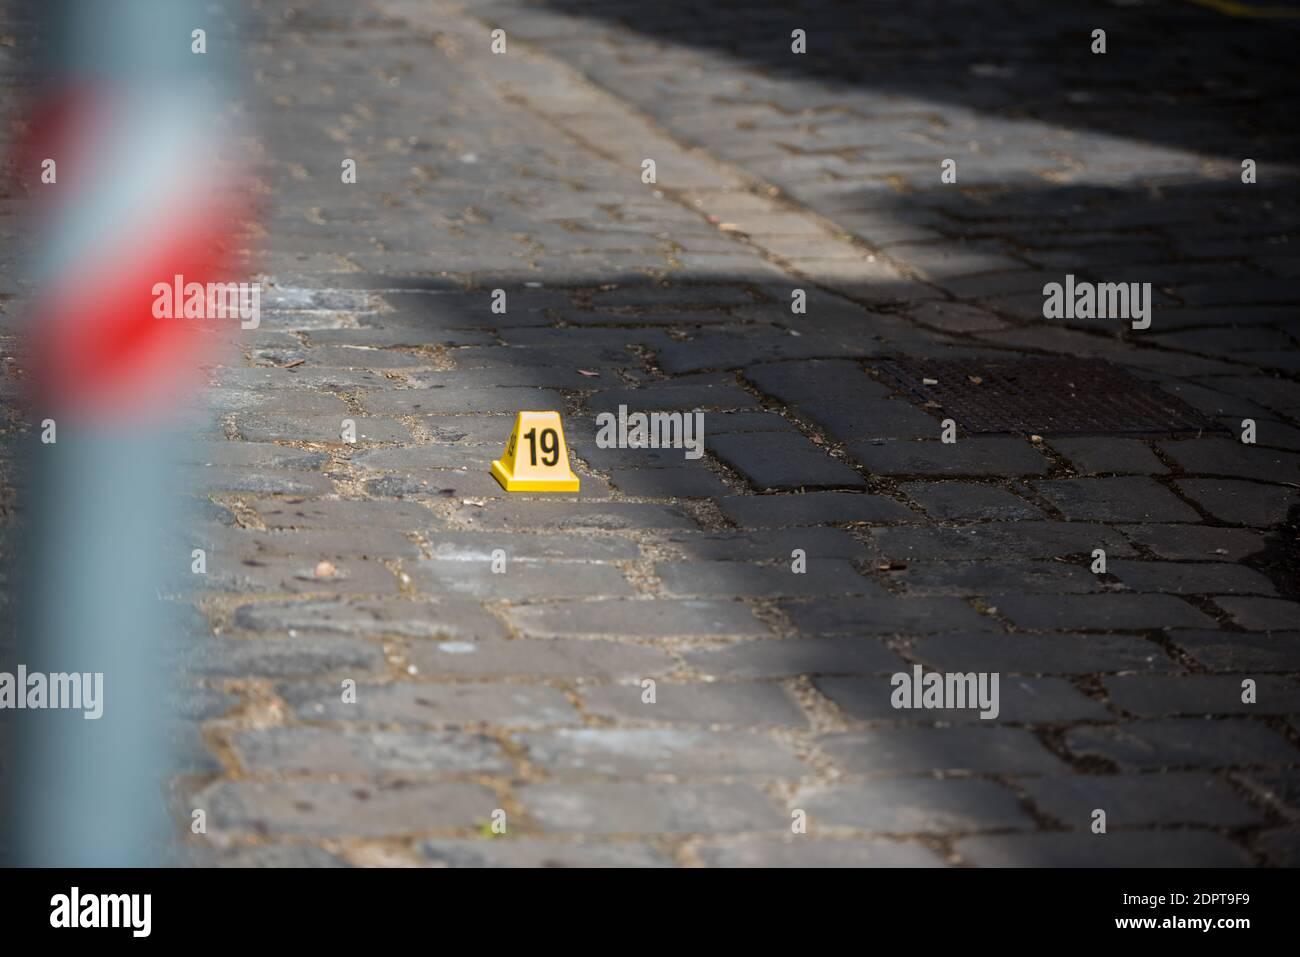 """Melbourne, Australien. Dezember 2020. Blutspuren auf einer Backsteinstraße in einer Gasse in der Nähe des berühmten Nachtflecks.EIN Mann wurde mit schweren Verletzungen an den Händen gefunden und nach einer polizeilichen Untersuchung wurde festgestellt, dass es sich um einen """"medizinischen Vorfall"""" handelt, bei dem es sich um selbstverschuldete Polizeiberichte handelte. Kredit: SOPA Images Limited/Alamy Live Nachrichten Stockfoto"""